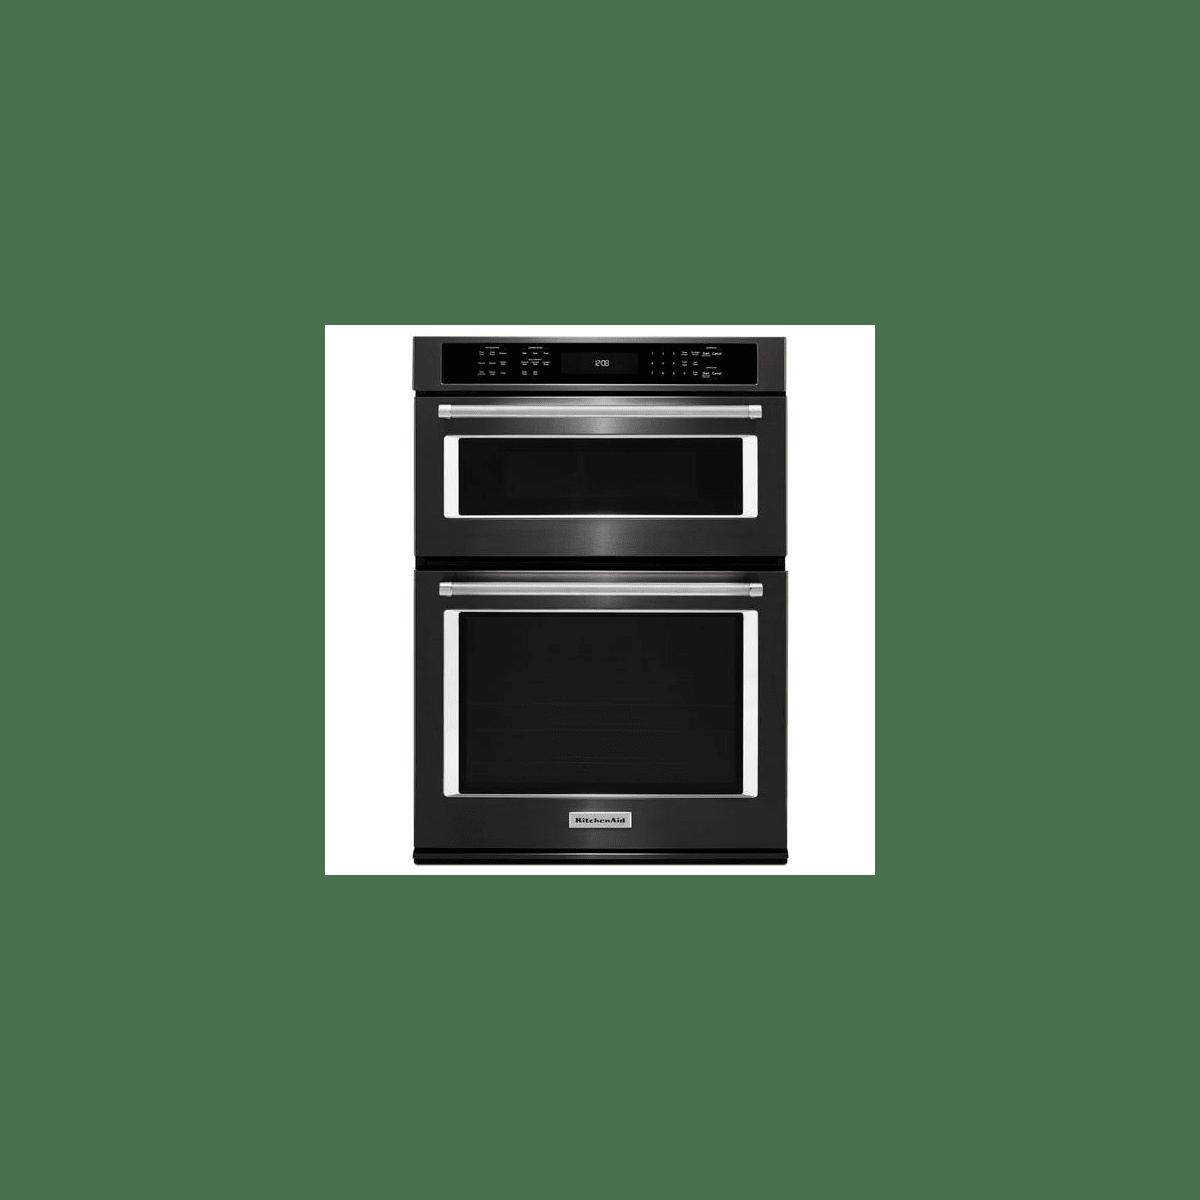 kitchenaid koce500ebs